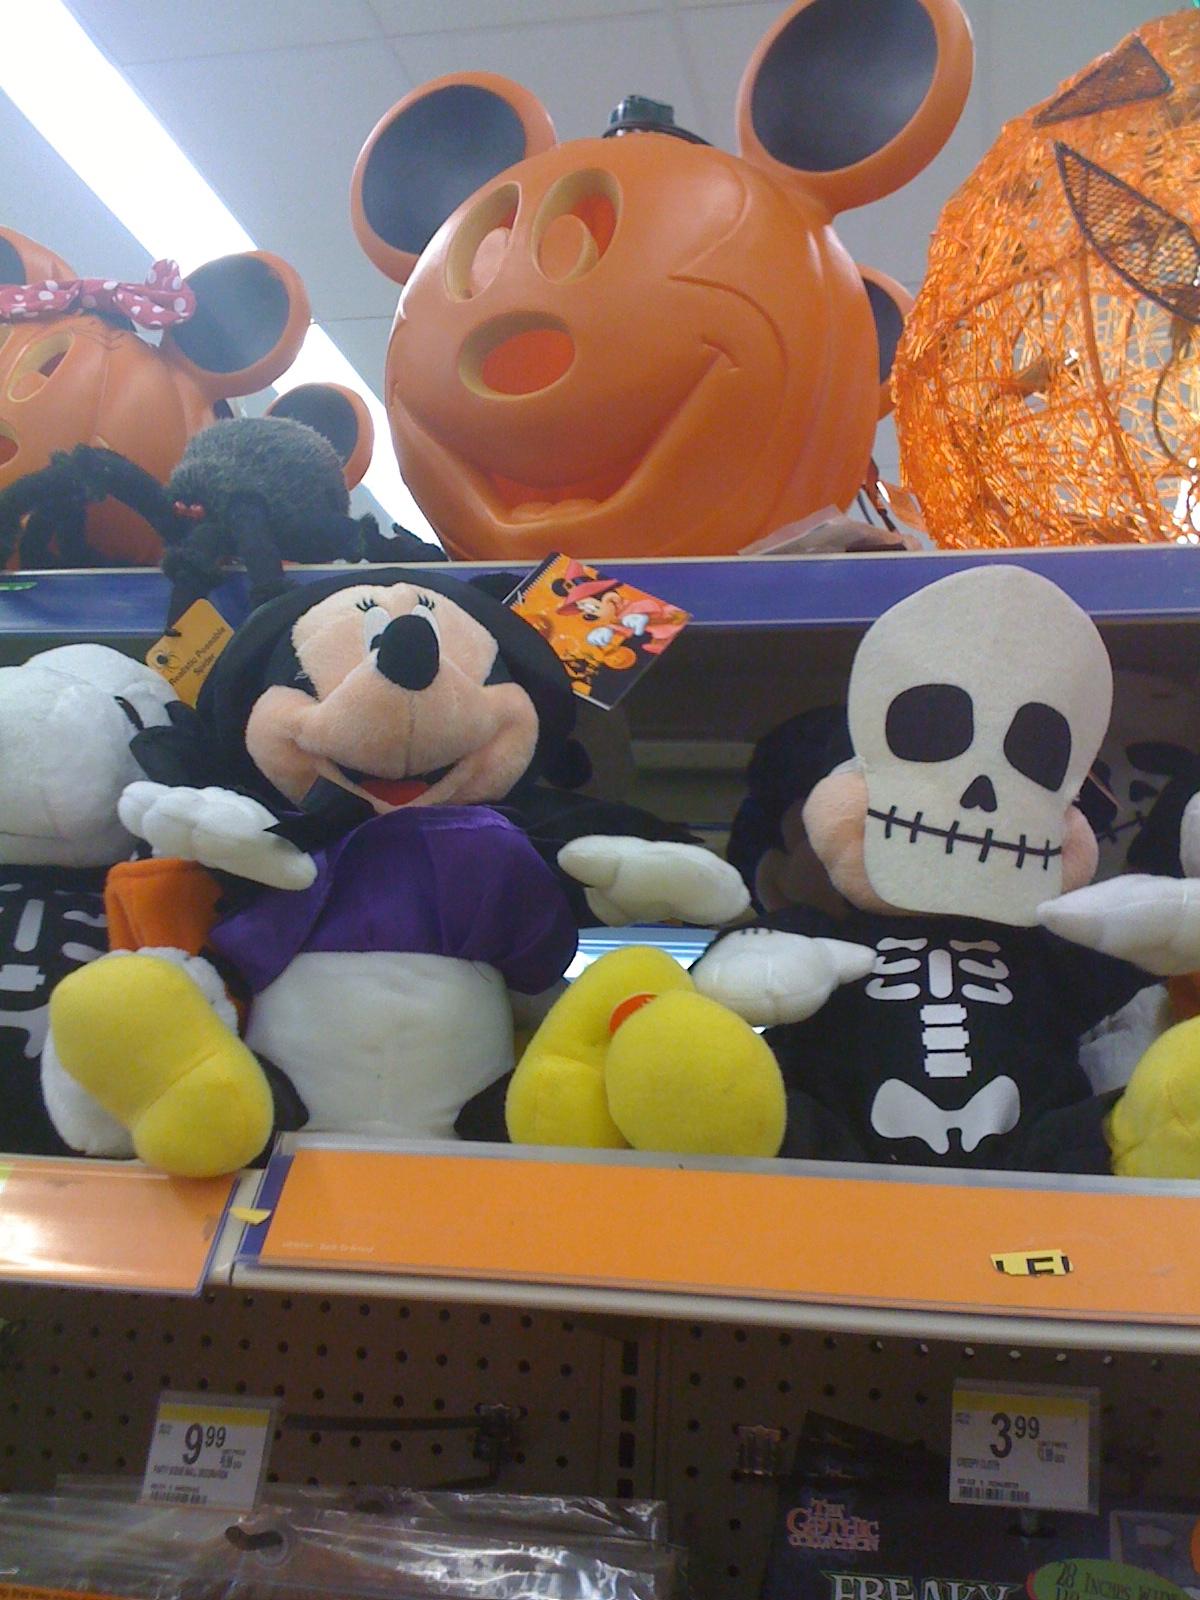 walgreens walt disney world - Walgreens Halloween Decorations